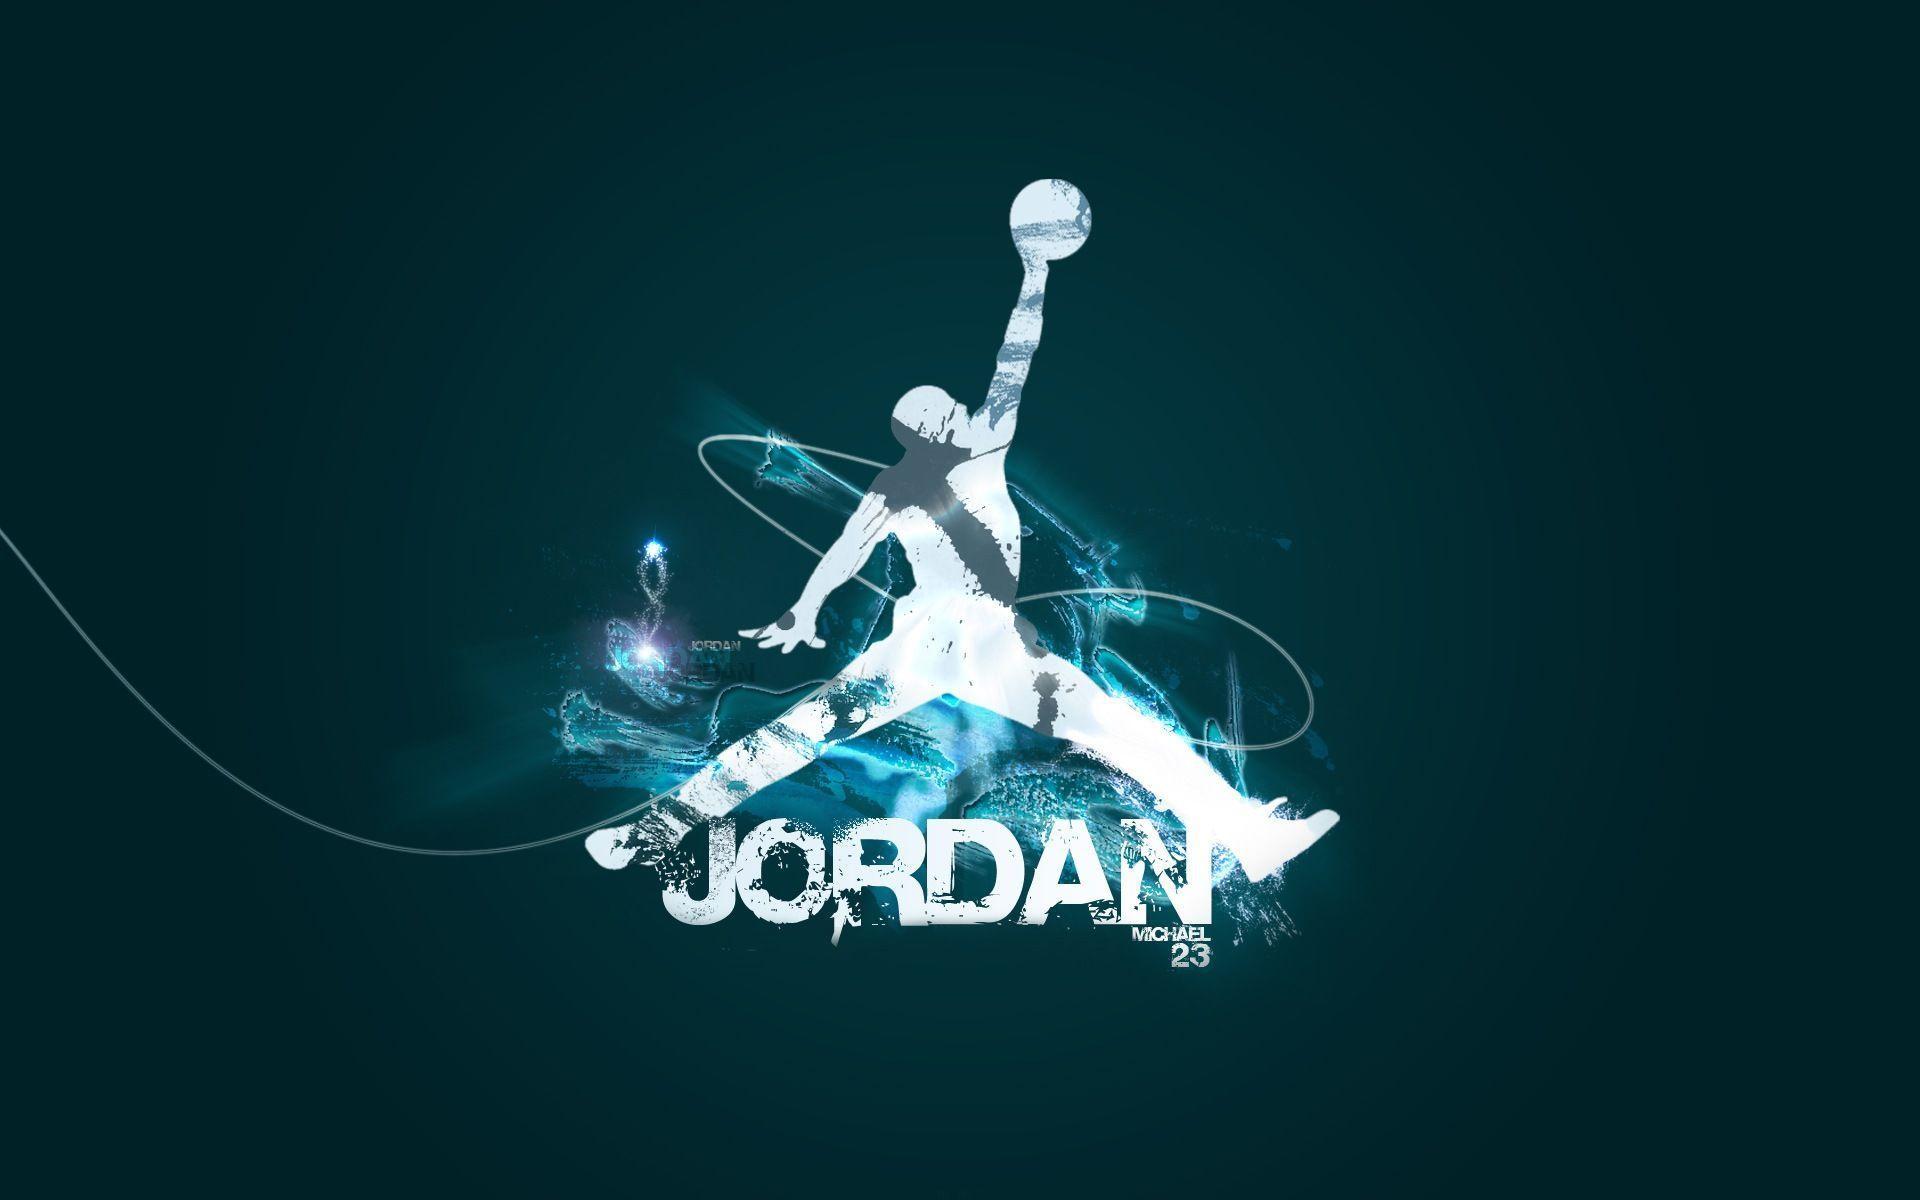 Air Jordan desktop wallpaper